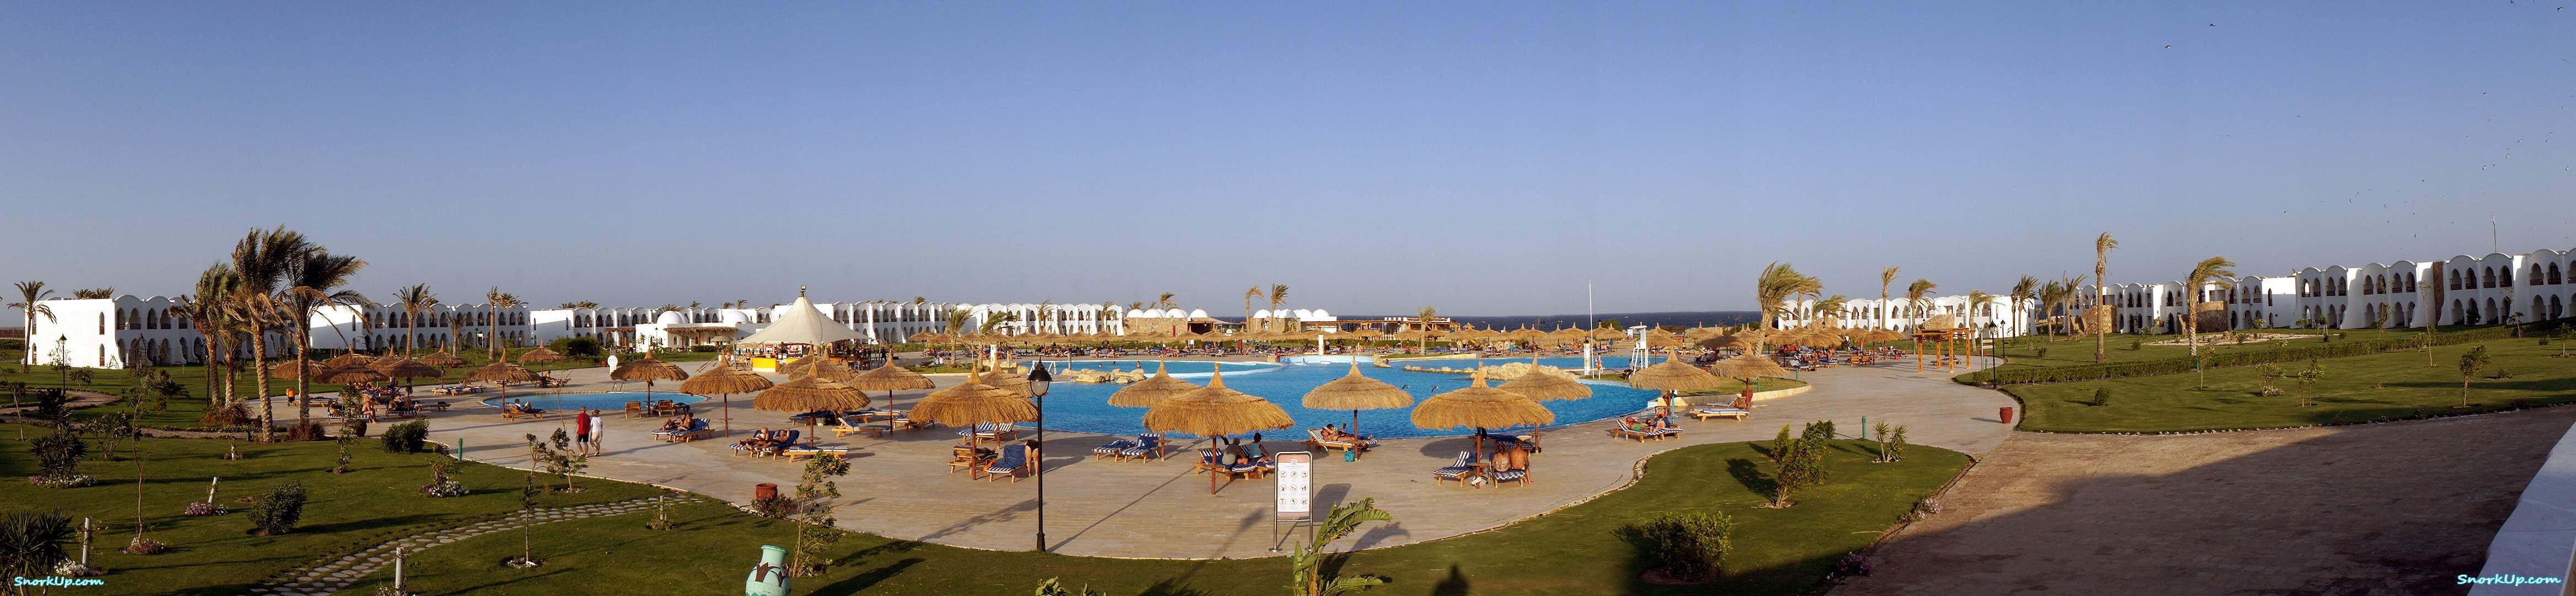 Отель Gorgonia Beach Resort — вид от ресторана в сторону моря